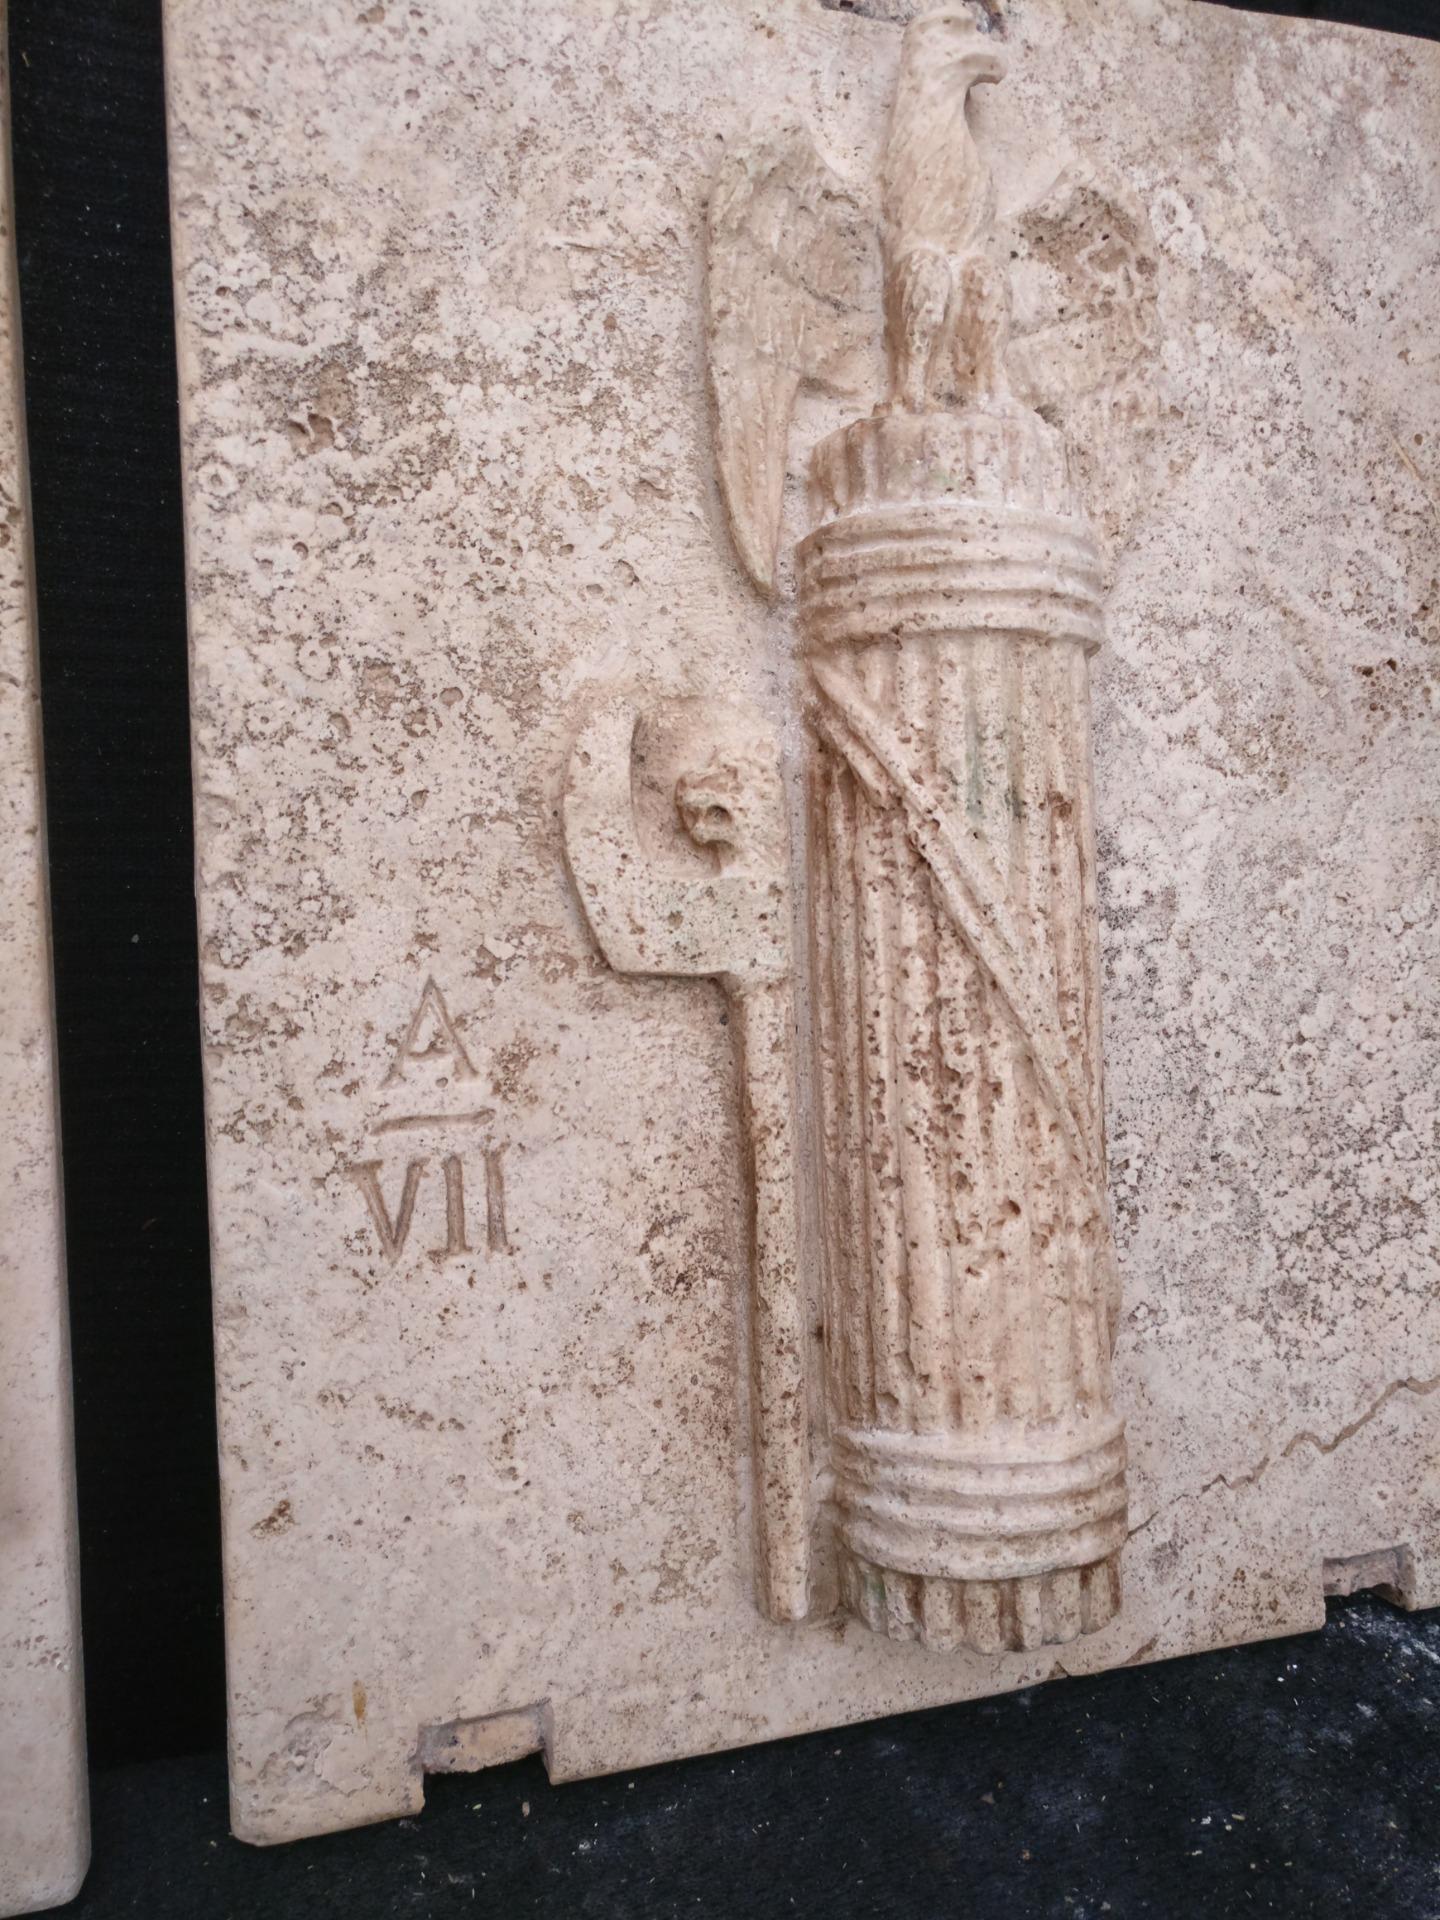 thumb5 Magnifica Coppia di Fasci Littori in Travertino - Stemmi da muro - 32 x 40 cm - Roma - 1927/28